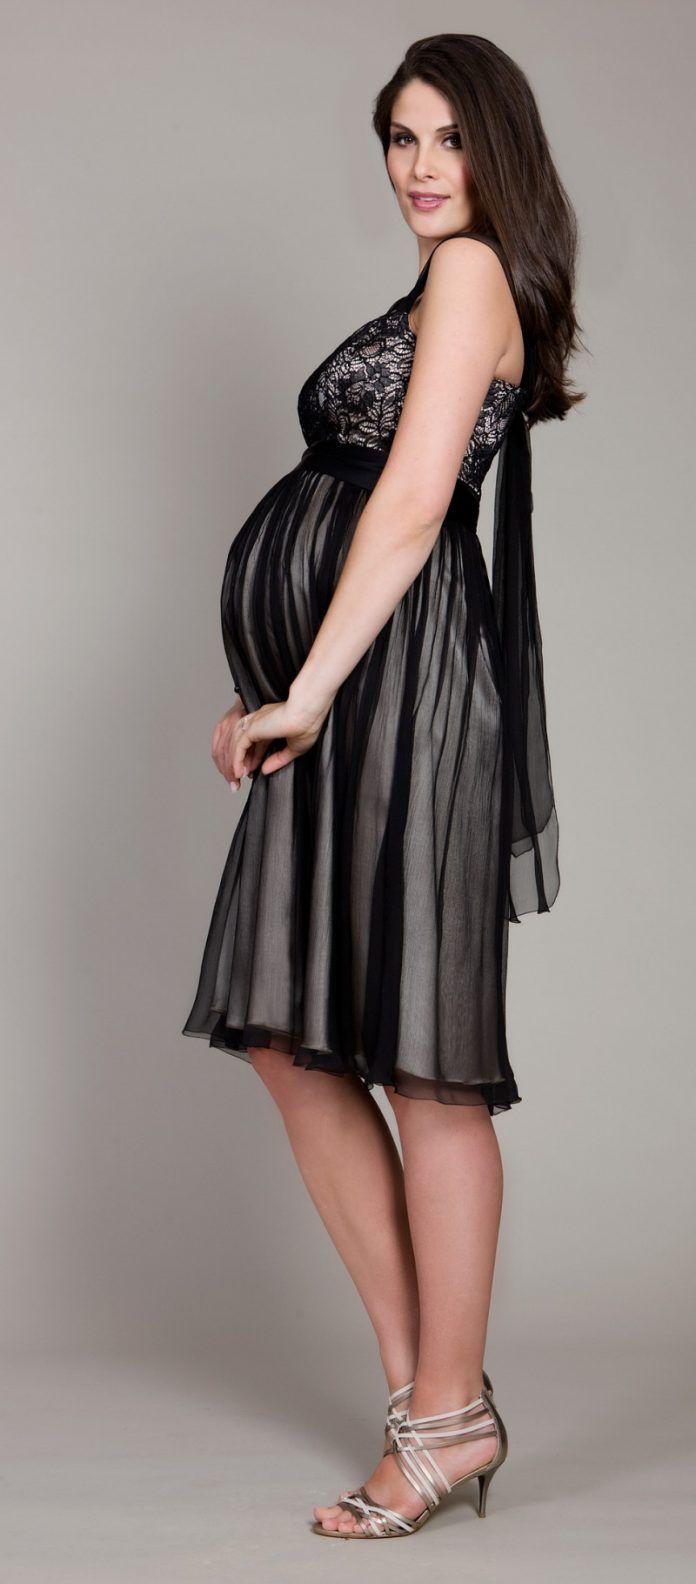 Hamile Gece Elbisesi Modelleri, Şık ve Ferah Elbise Önerileri